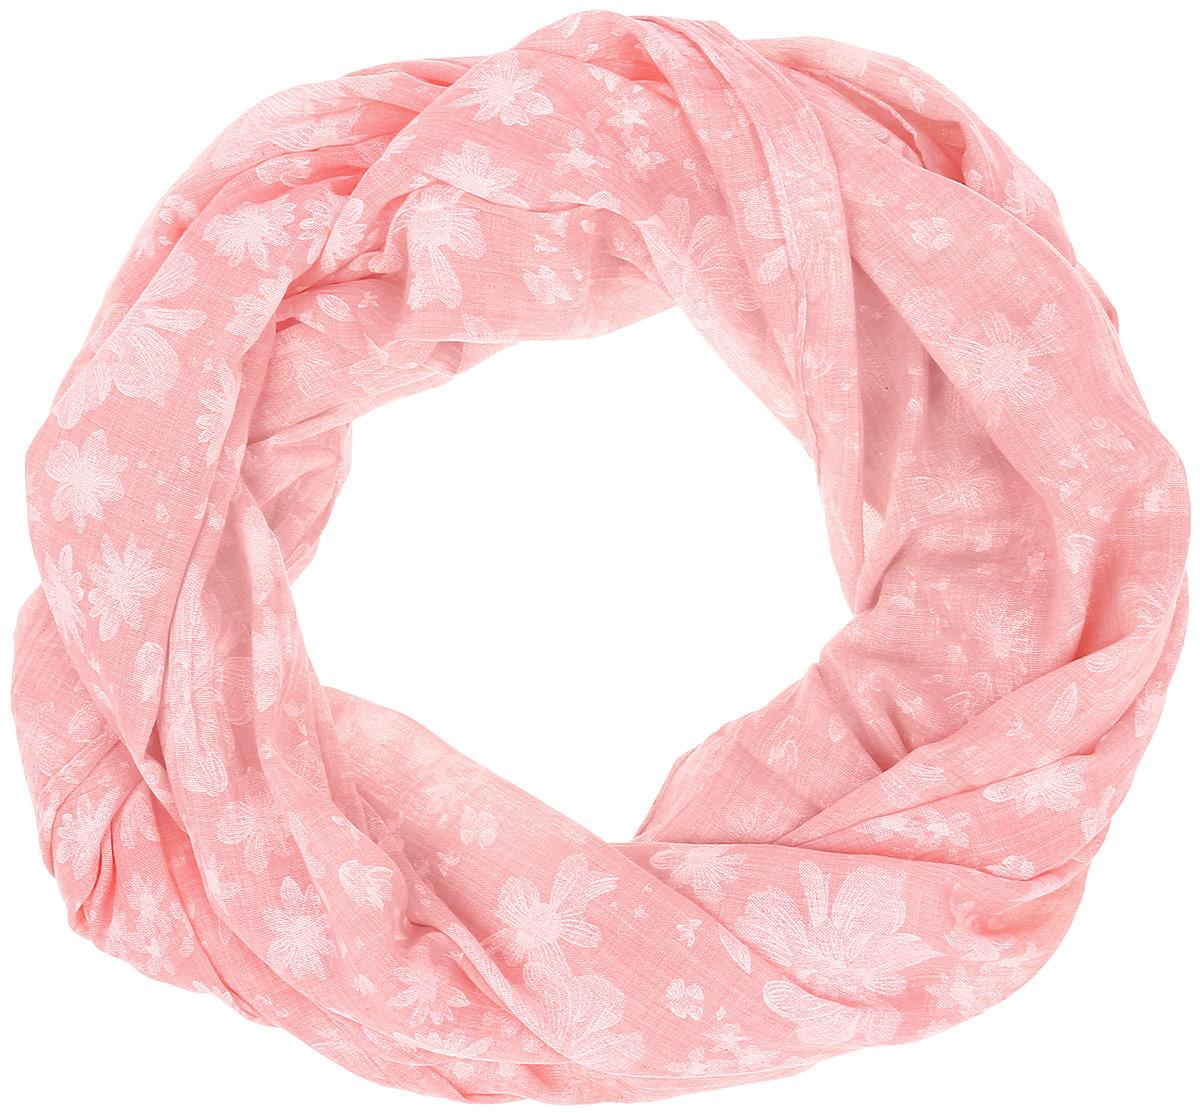 Палантин Vita Pelle, цвет: светло-розовый. Ro01PCB101-5. Размер 70 см х 180 смRo01PCB101-5Палантин от Vita Pelle изготовлен из вискозы с добавлением бамбука, оформлен цветочным принтом. Кромка обработана осыпкой.